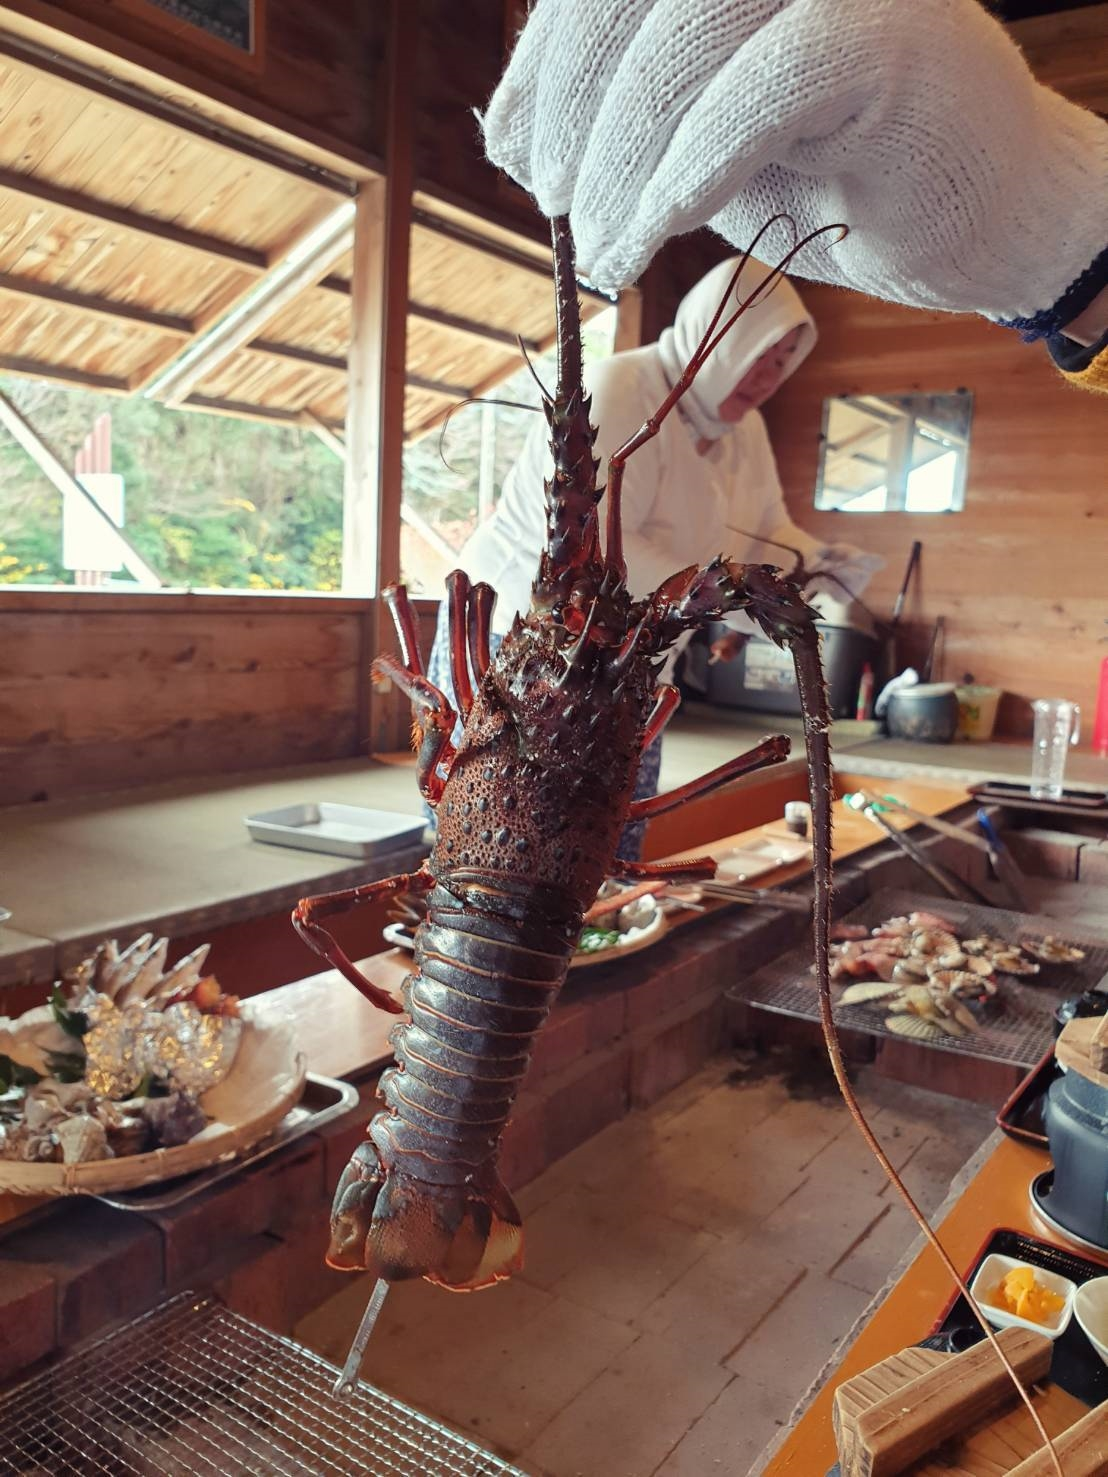 14. Ama Hut Satoumia 200213 0005